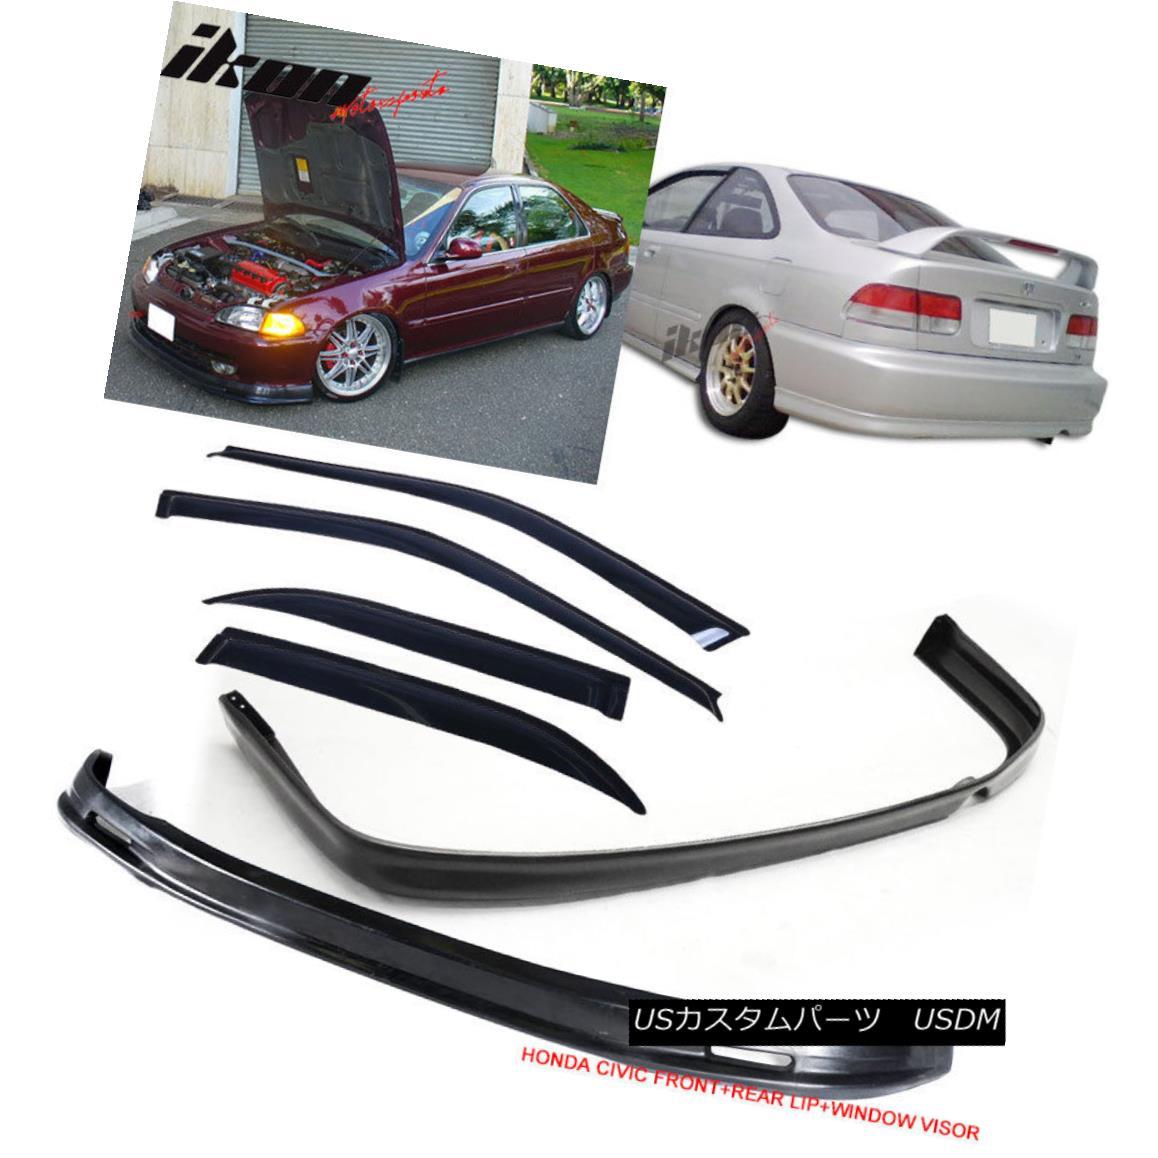 エアロパーツ Fits 92-95 Honda Civic Mugen Style Front + Rear Bumper Lip + Sun Window Visors フィット92-95ホンダシビックムゲンスタイルフロント+リアバンパーリップ+サンバイザバイザー